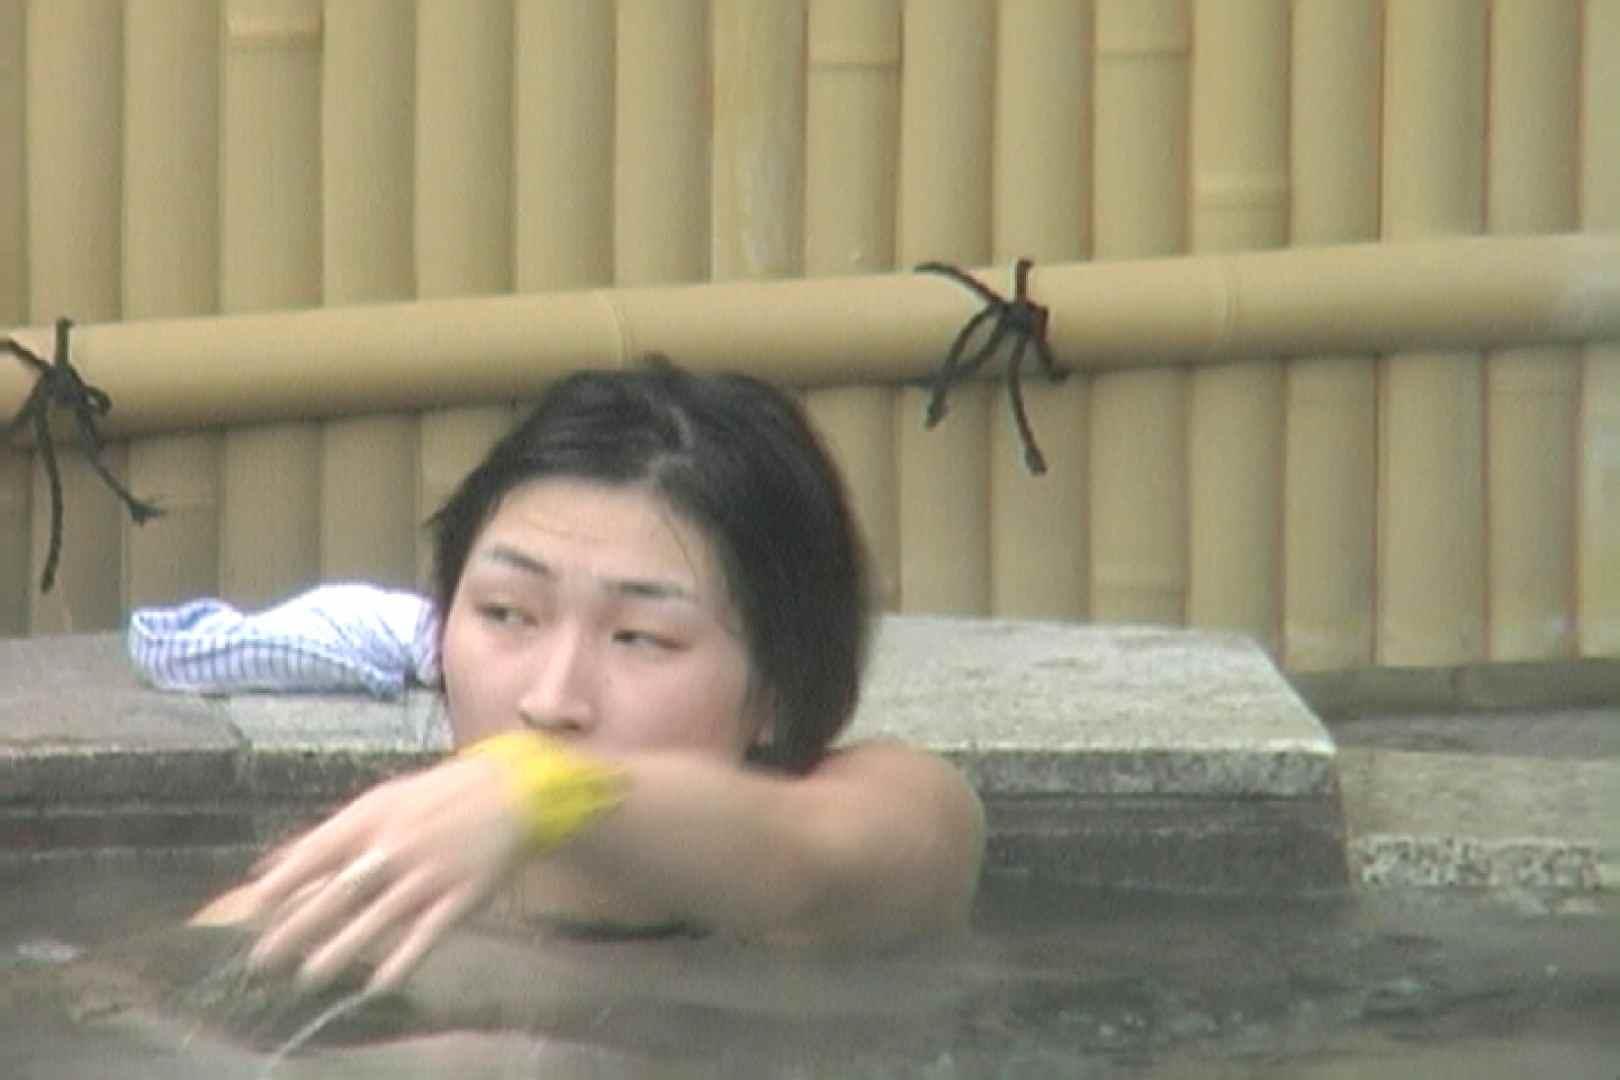 Aquaな露天風呂Vol.543 露天 | 盗撮  68画像 28